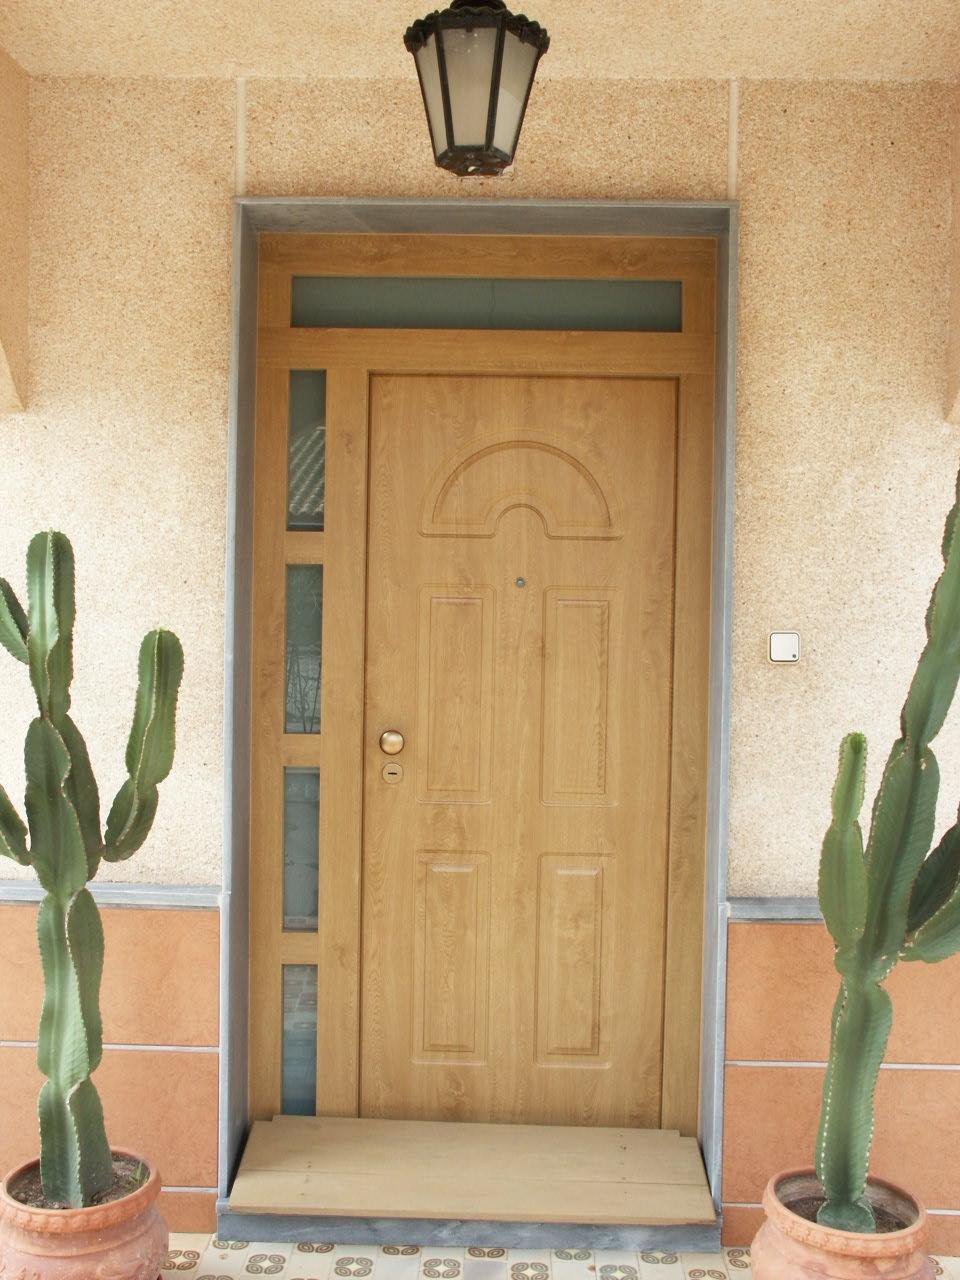 Galer a de fotos y ejemplos de puertas tecemur for Modelo de puertas para habitaciones modernas